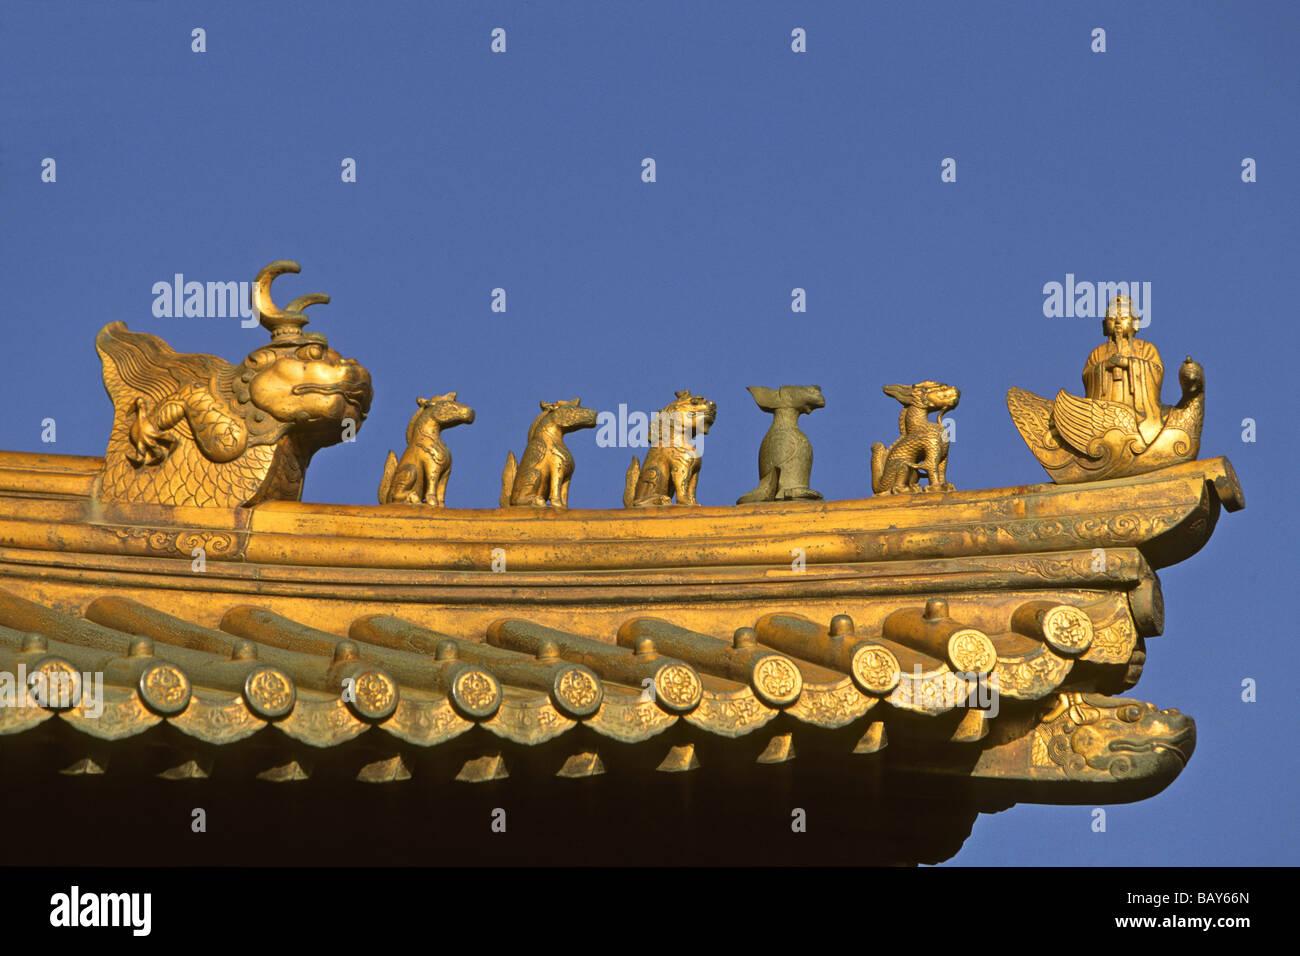 Techo de animales guardianes, criaturas mitológicas custodiando el Golden Hall, Jin Dian Gong, Golden Palace Imagen De Stock